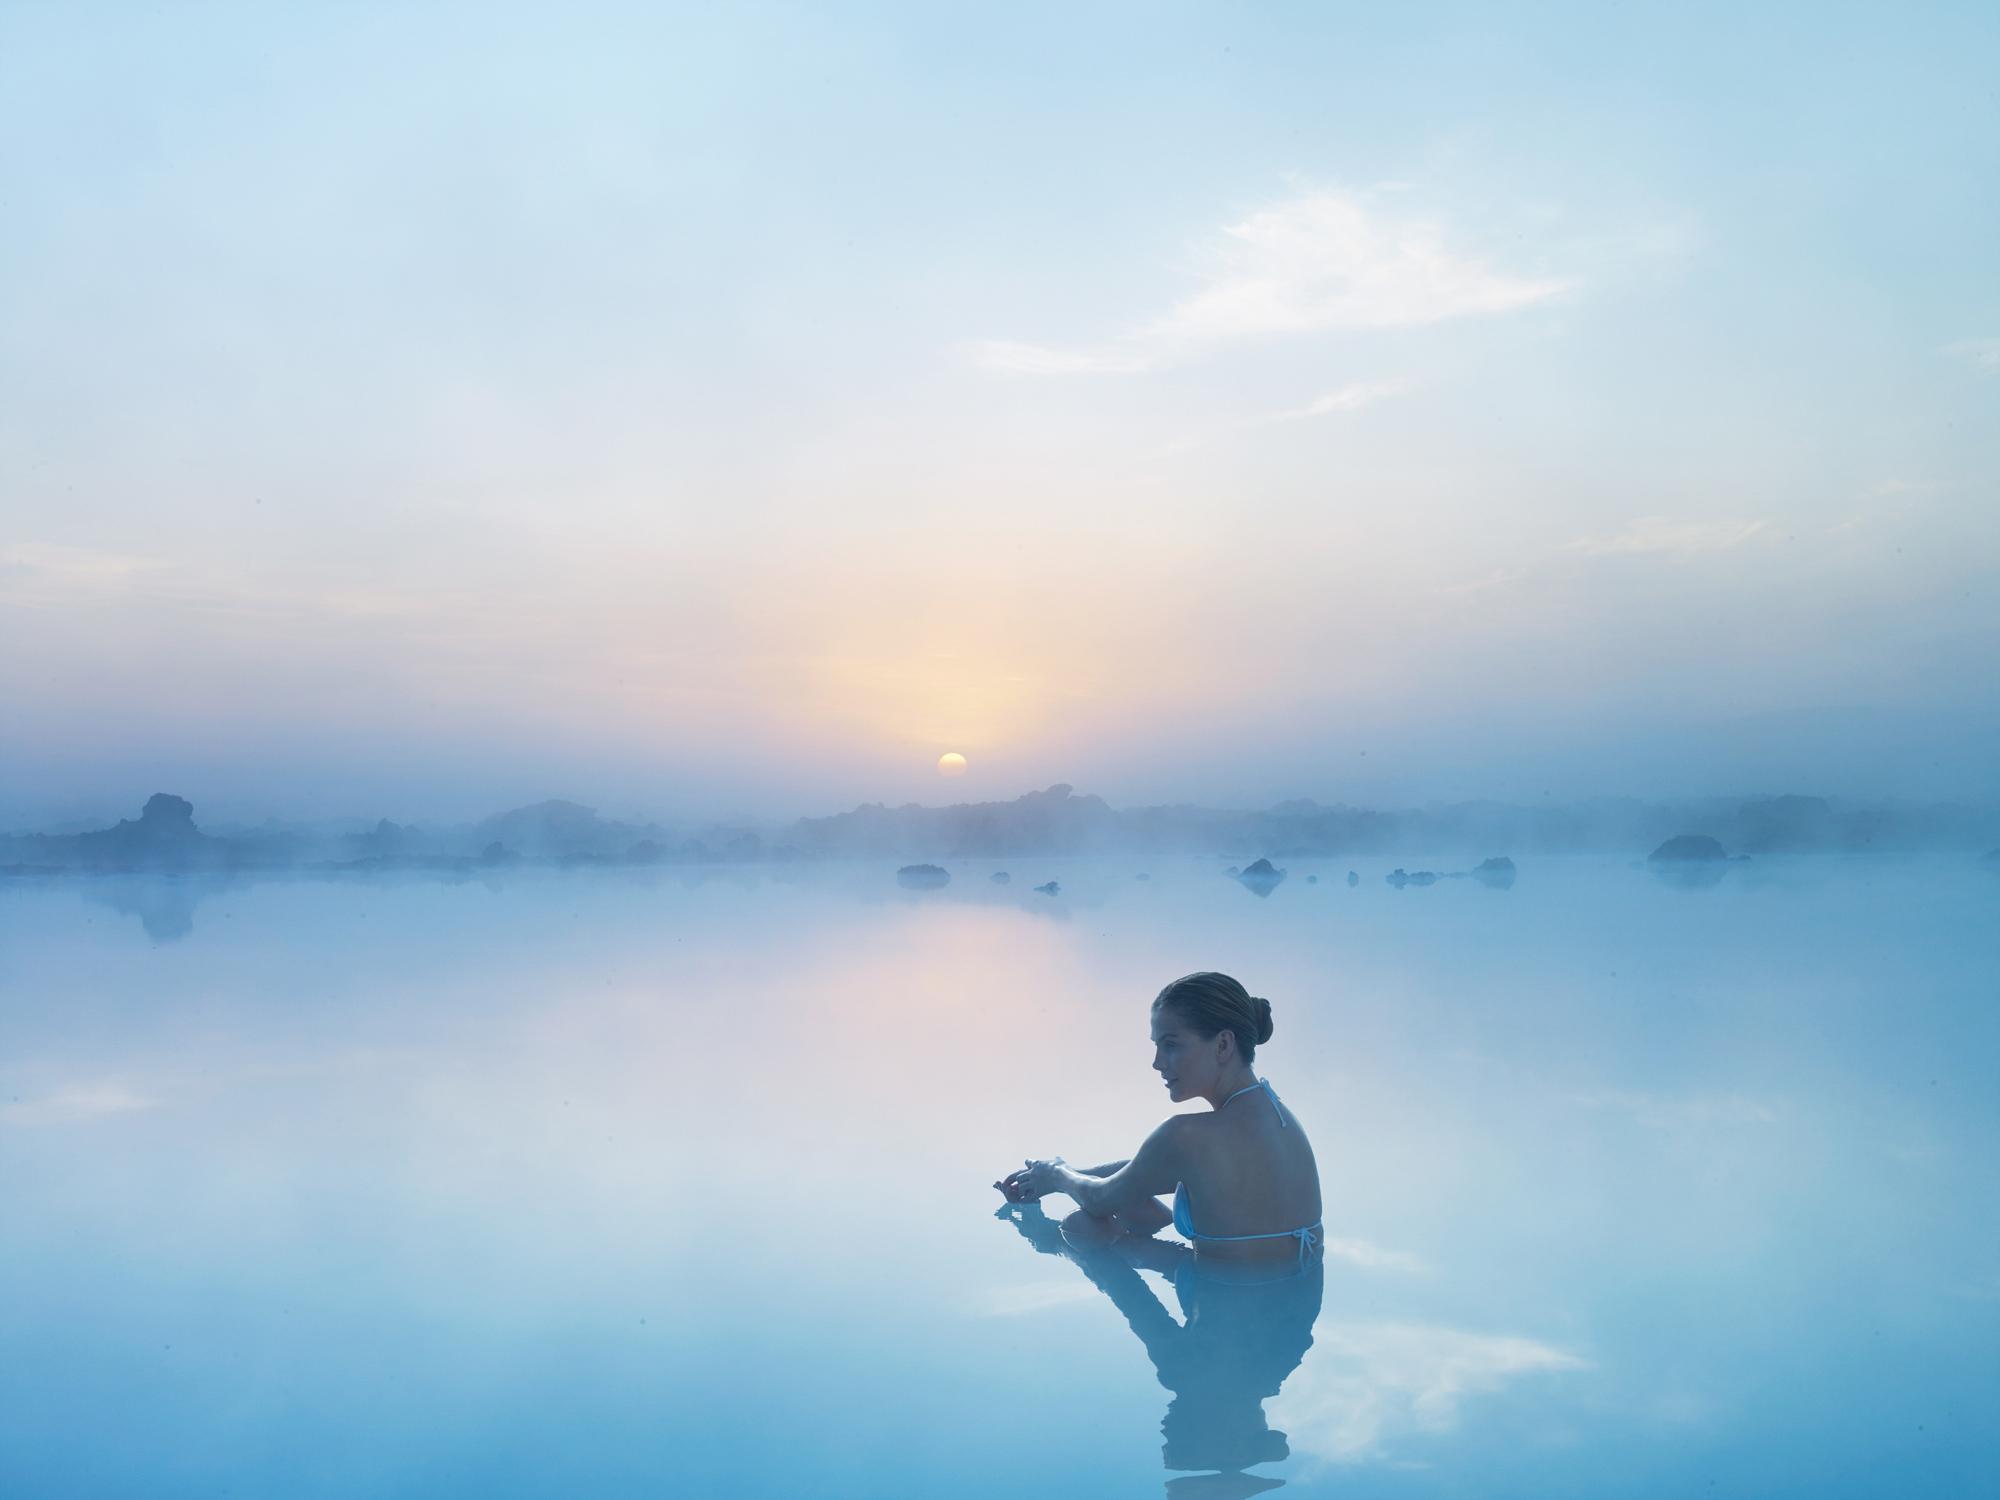 คาบสมุทรเรคยาเนสมีกิจกรรมสำหรับหน้าร้อนให้นักท่องเที่ยวได้มีส่วนร่วมมากมาย ในวันสุดท้ายหลังจากเที่ยวเหนื่อยมาทั้งสัปดาห์หลายคนอยากแช่น้ำร้อนที่อุดมไปด้วยแร่ธาตุที่บลูลากูน